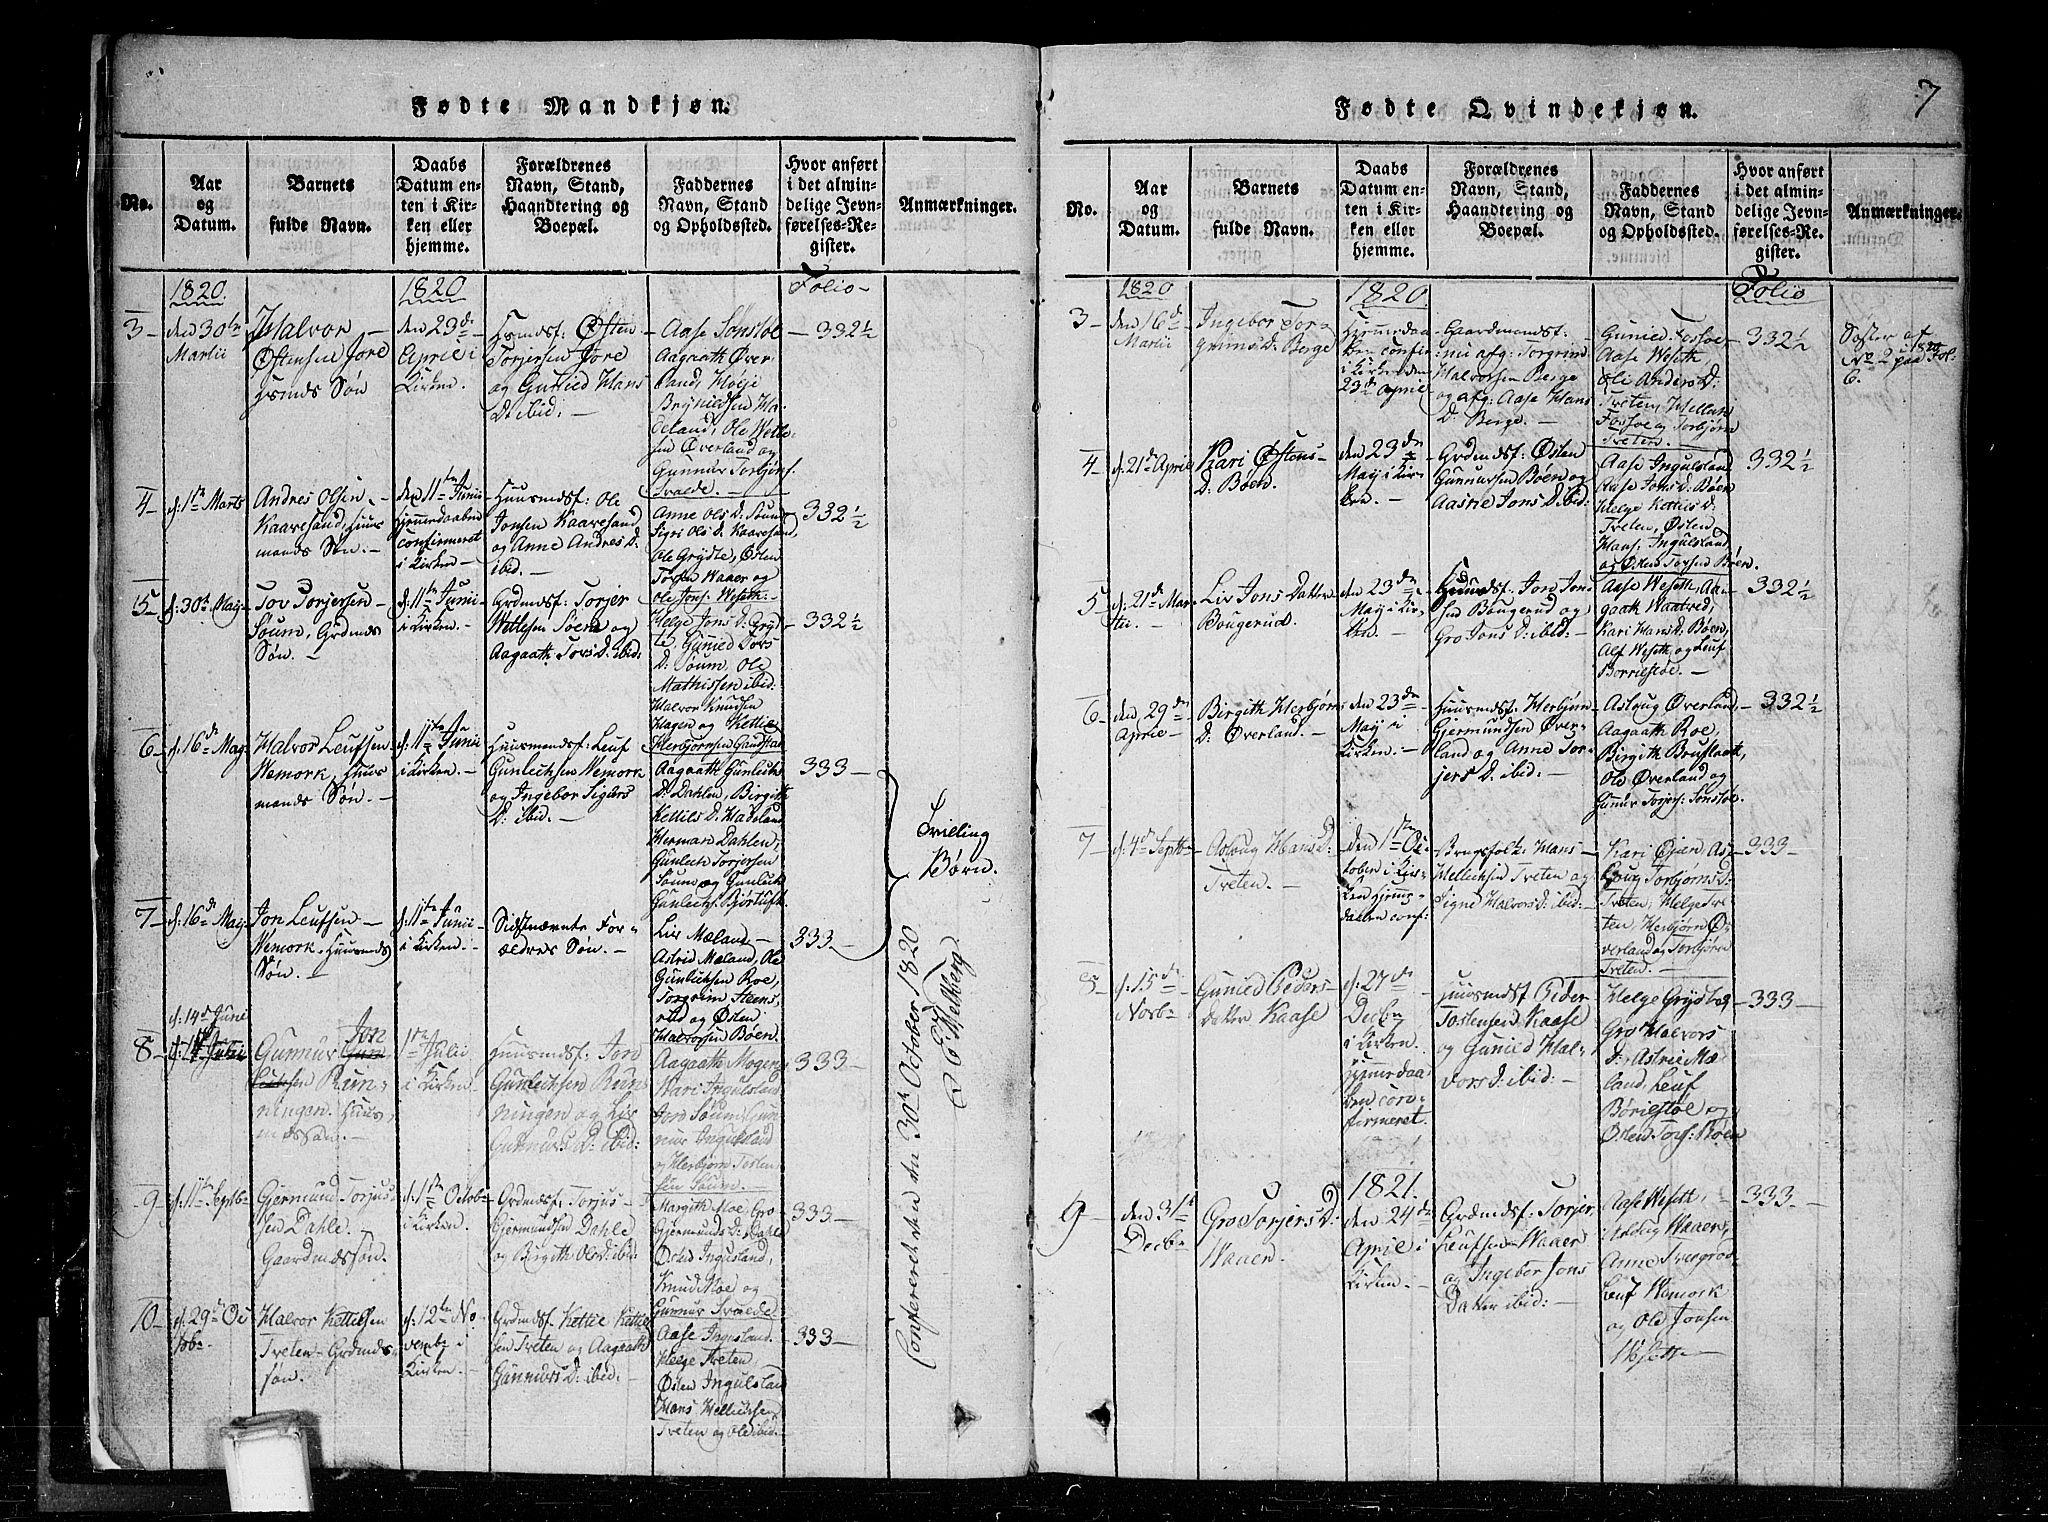 SAKO, Tinn kirkebøker, G/Gc/L0001: Klokkerbok nr. III 1, 1815-1879, s. 7